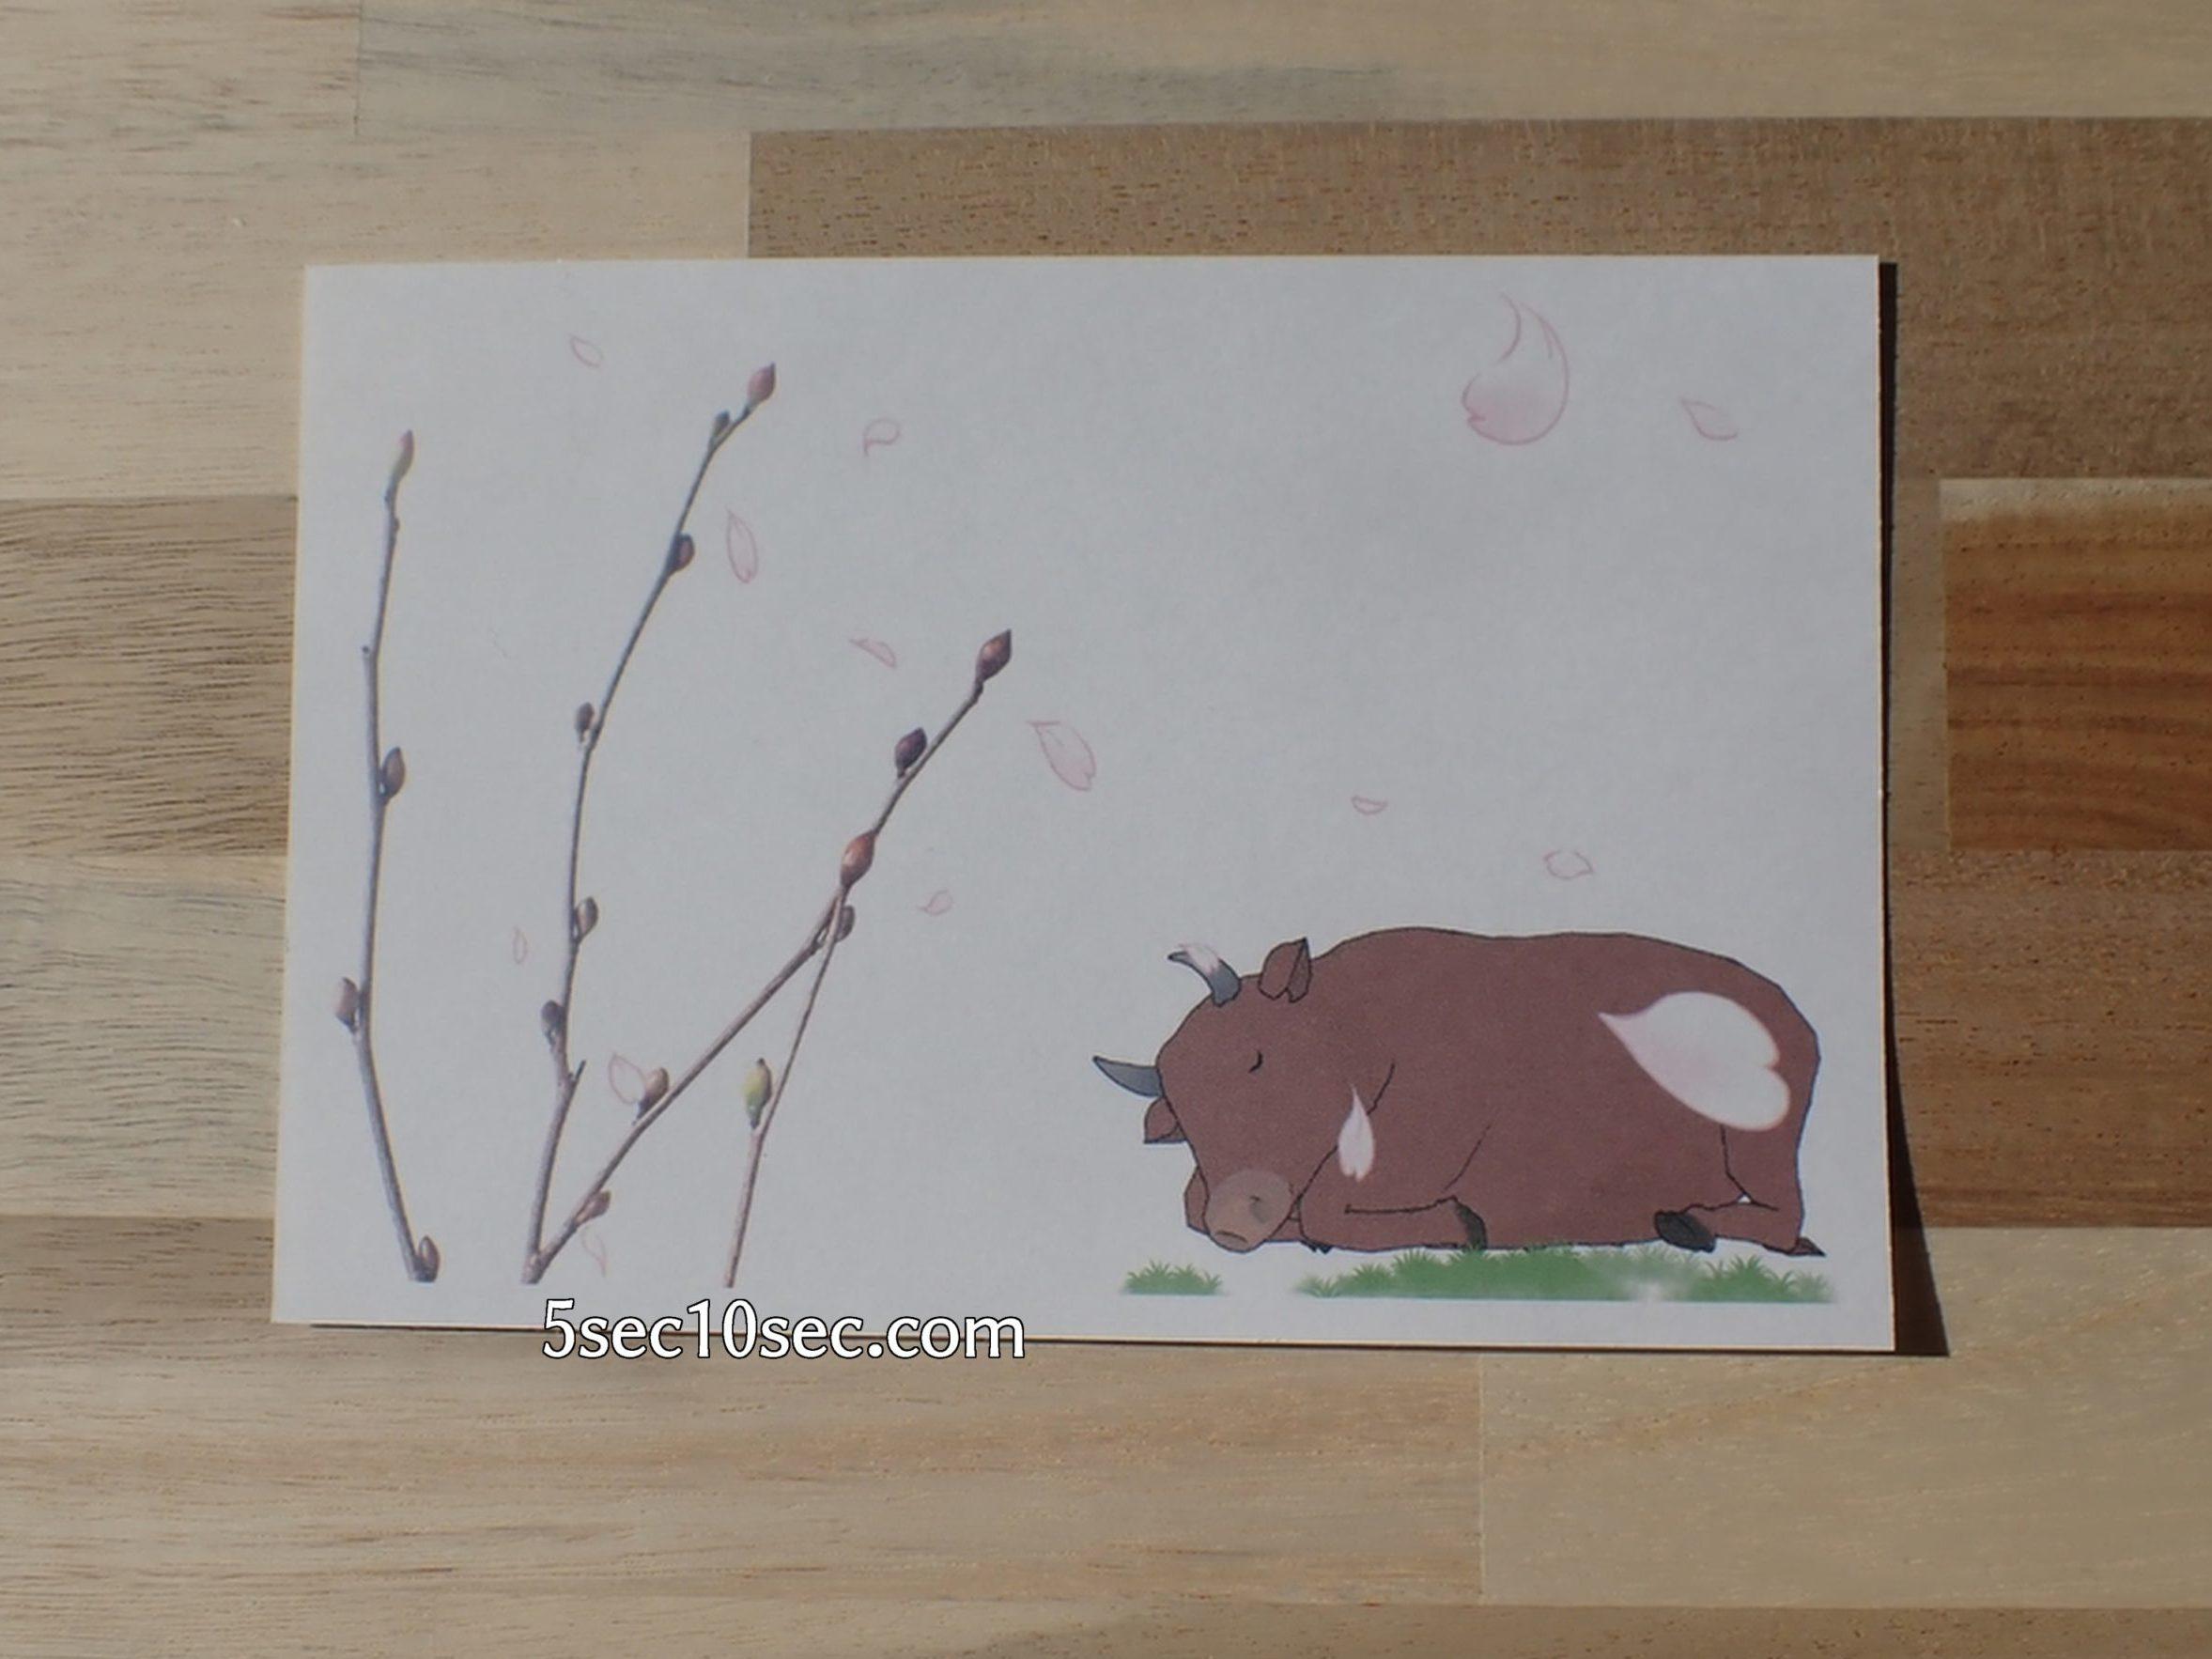 株式会社Crunch Style お花の定期便 Bloomee LIFE ブルーミーライフ レギュラープラン 手作り年賀状、木の部分に姫水木の写真を使用しています